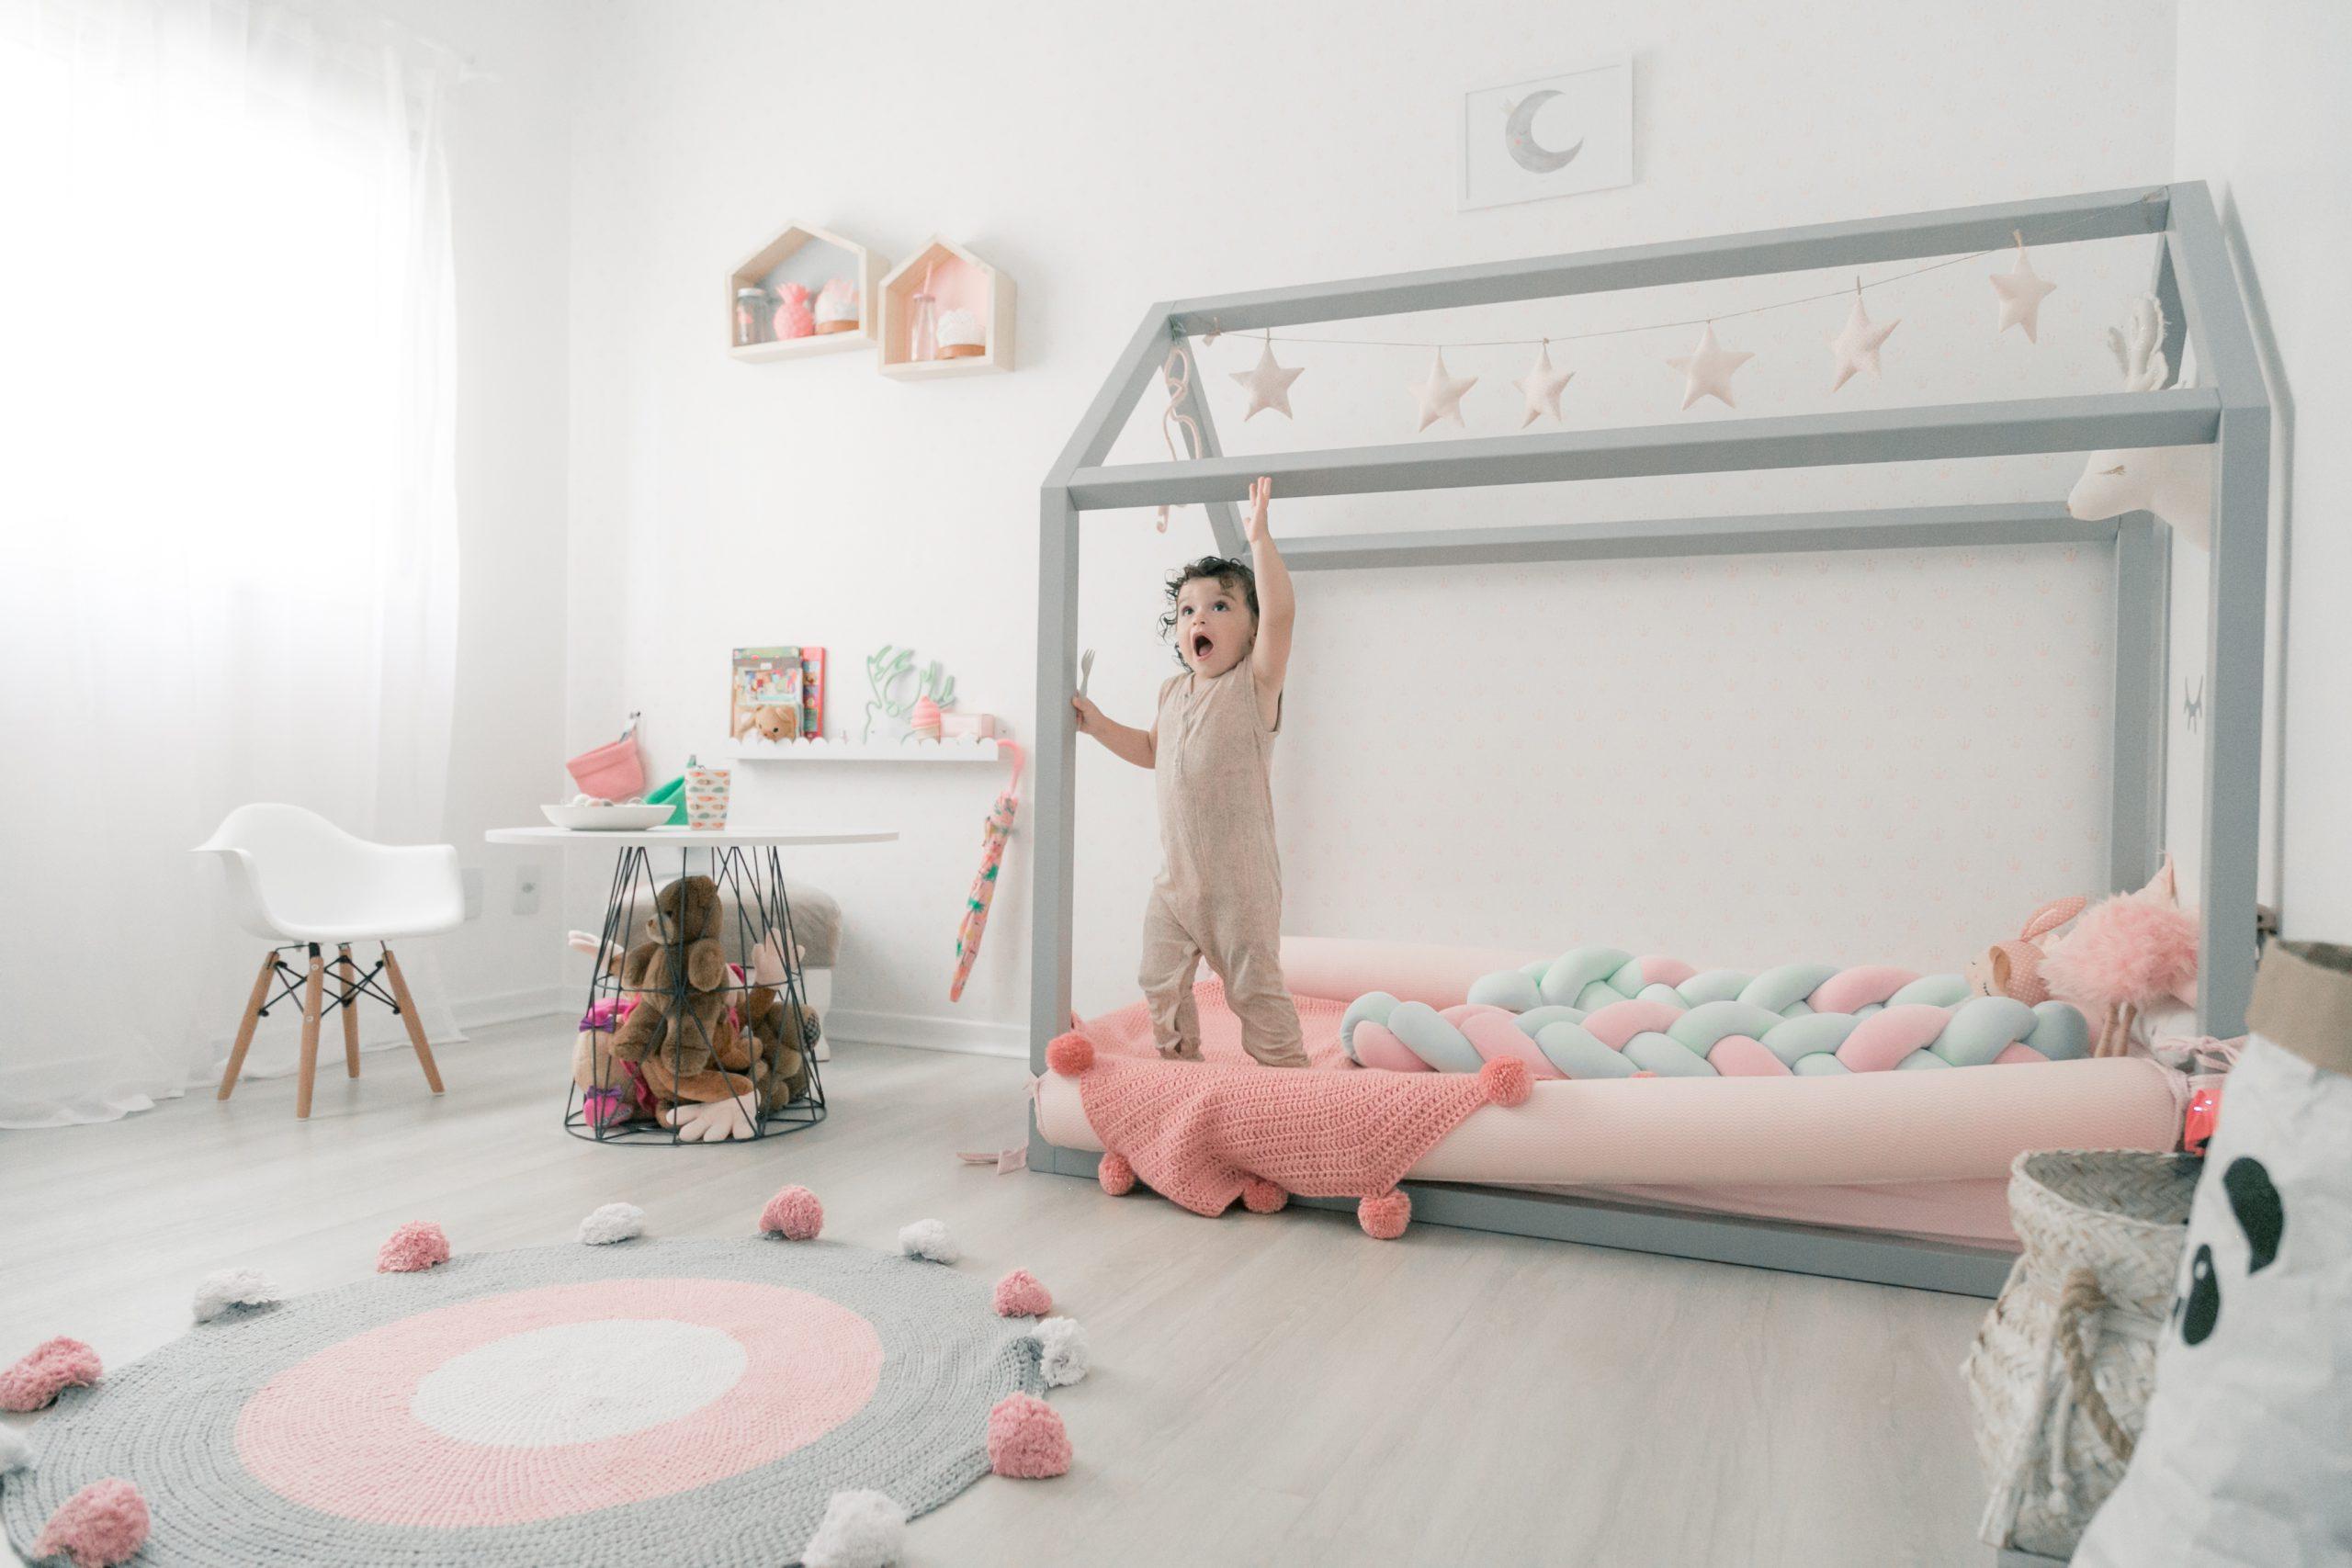 Imagem de exemplo de um quarto escandinavo, com a base do quarto sendo branca e os elementos claros e lúdicos